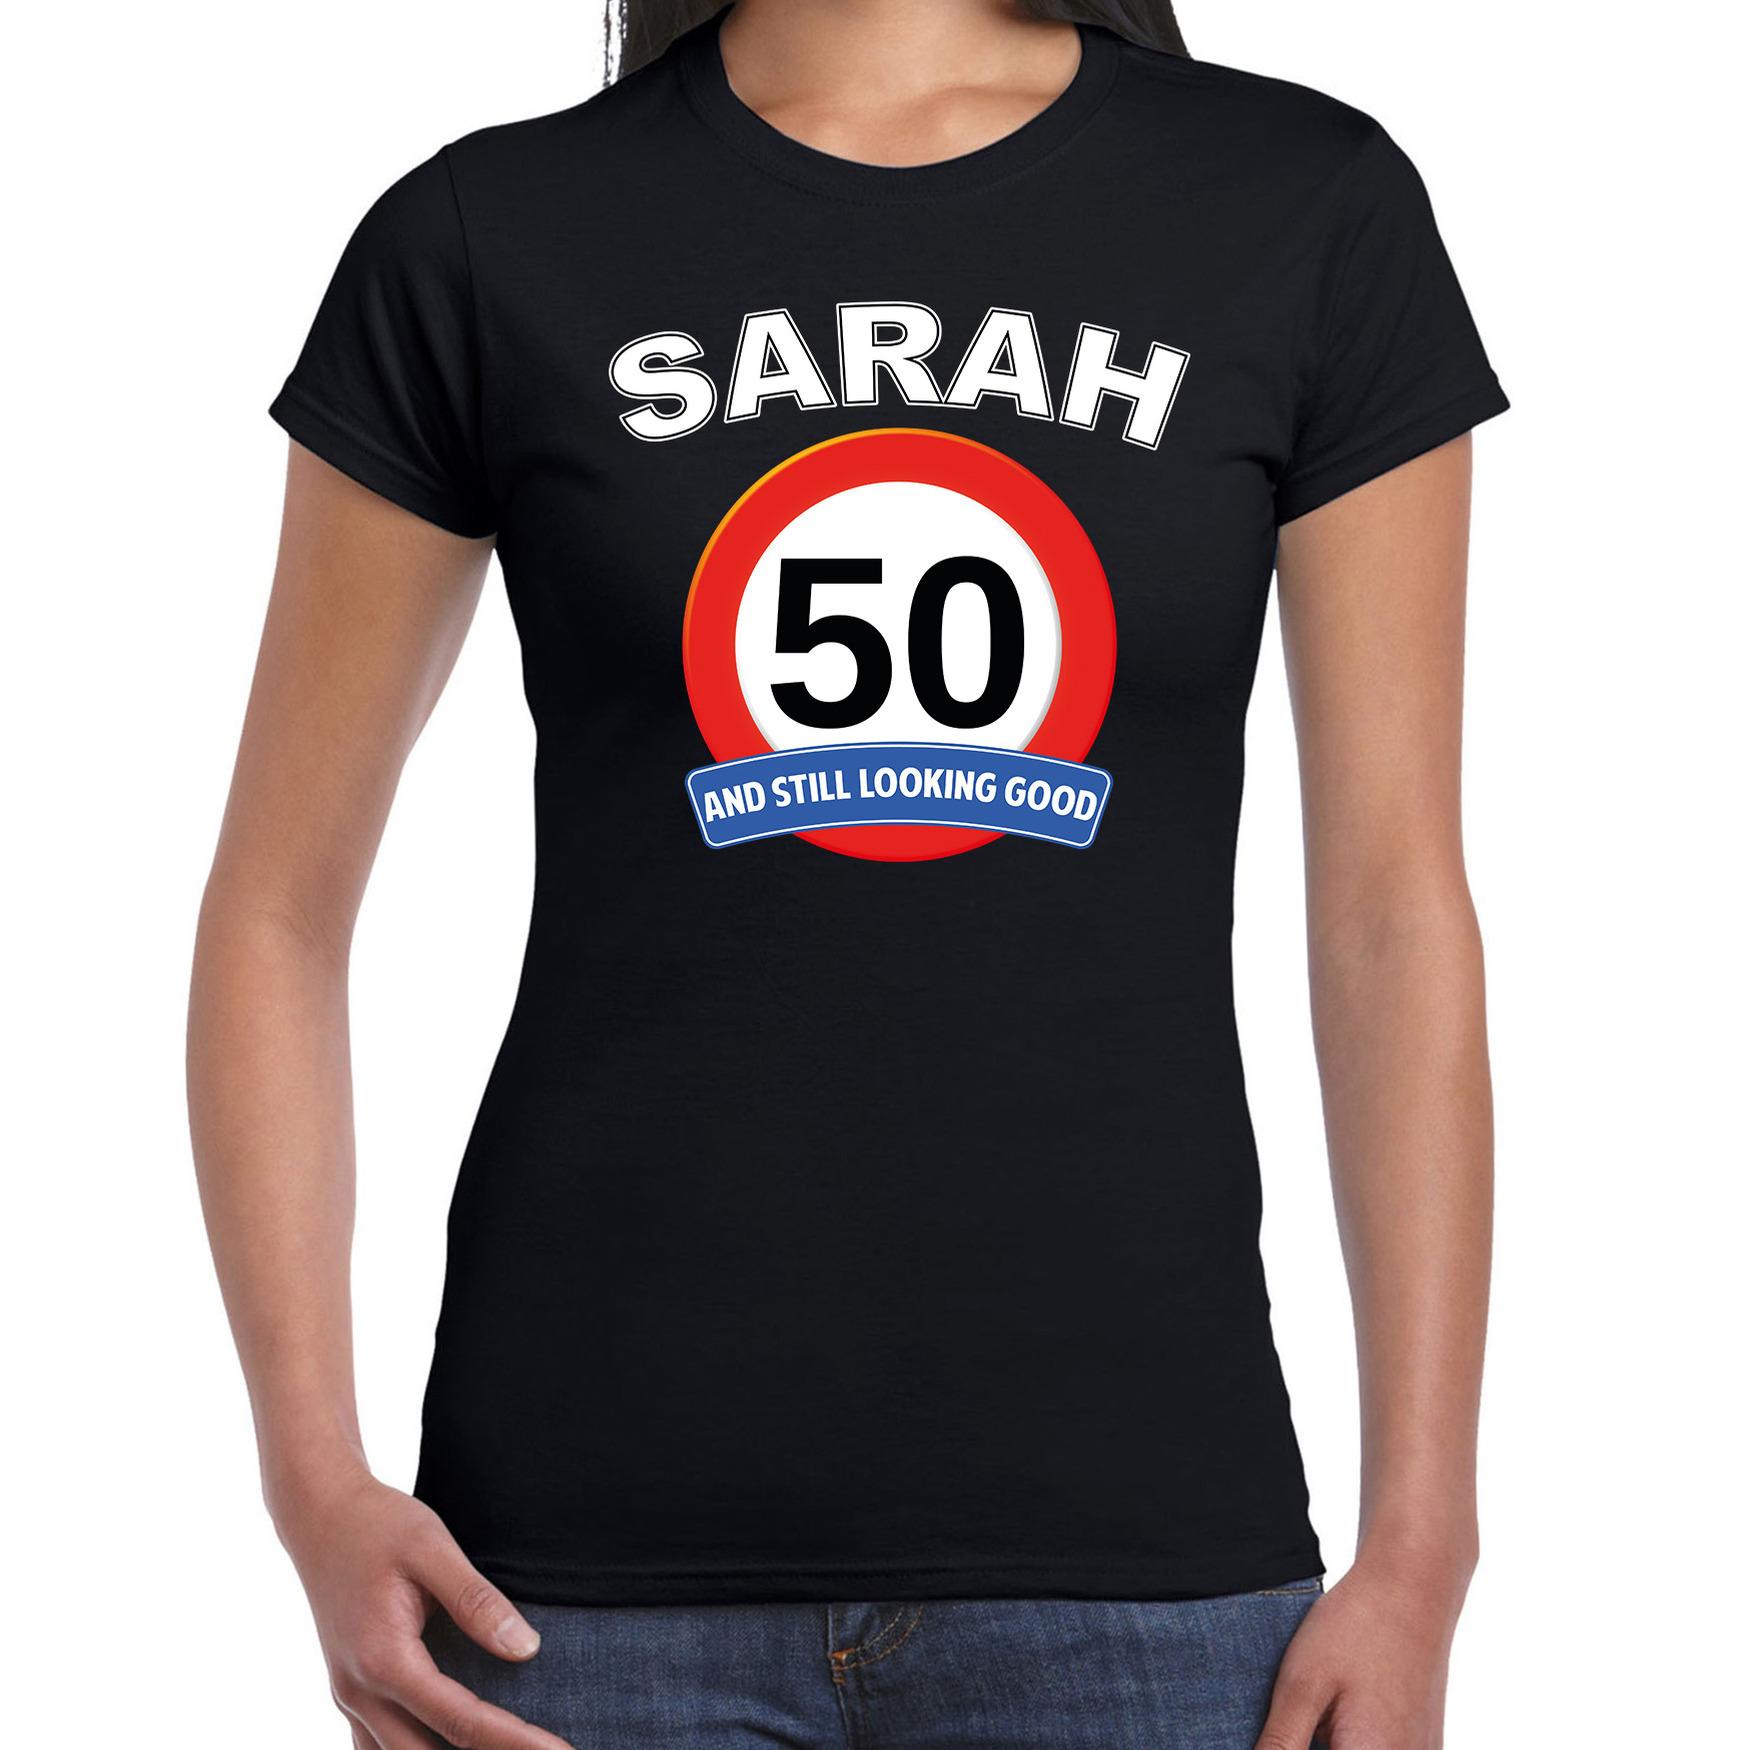 Verjaardag cadeau t-shirt verkeersbord 50 jaar Sarah zwart voor dames XL -